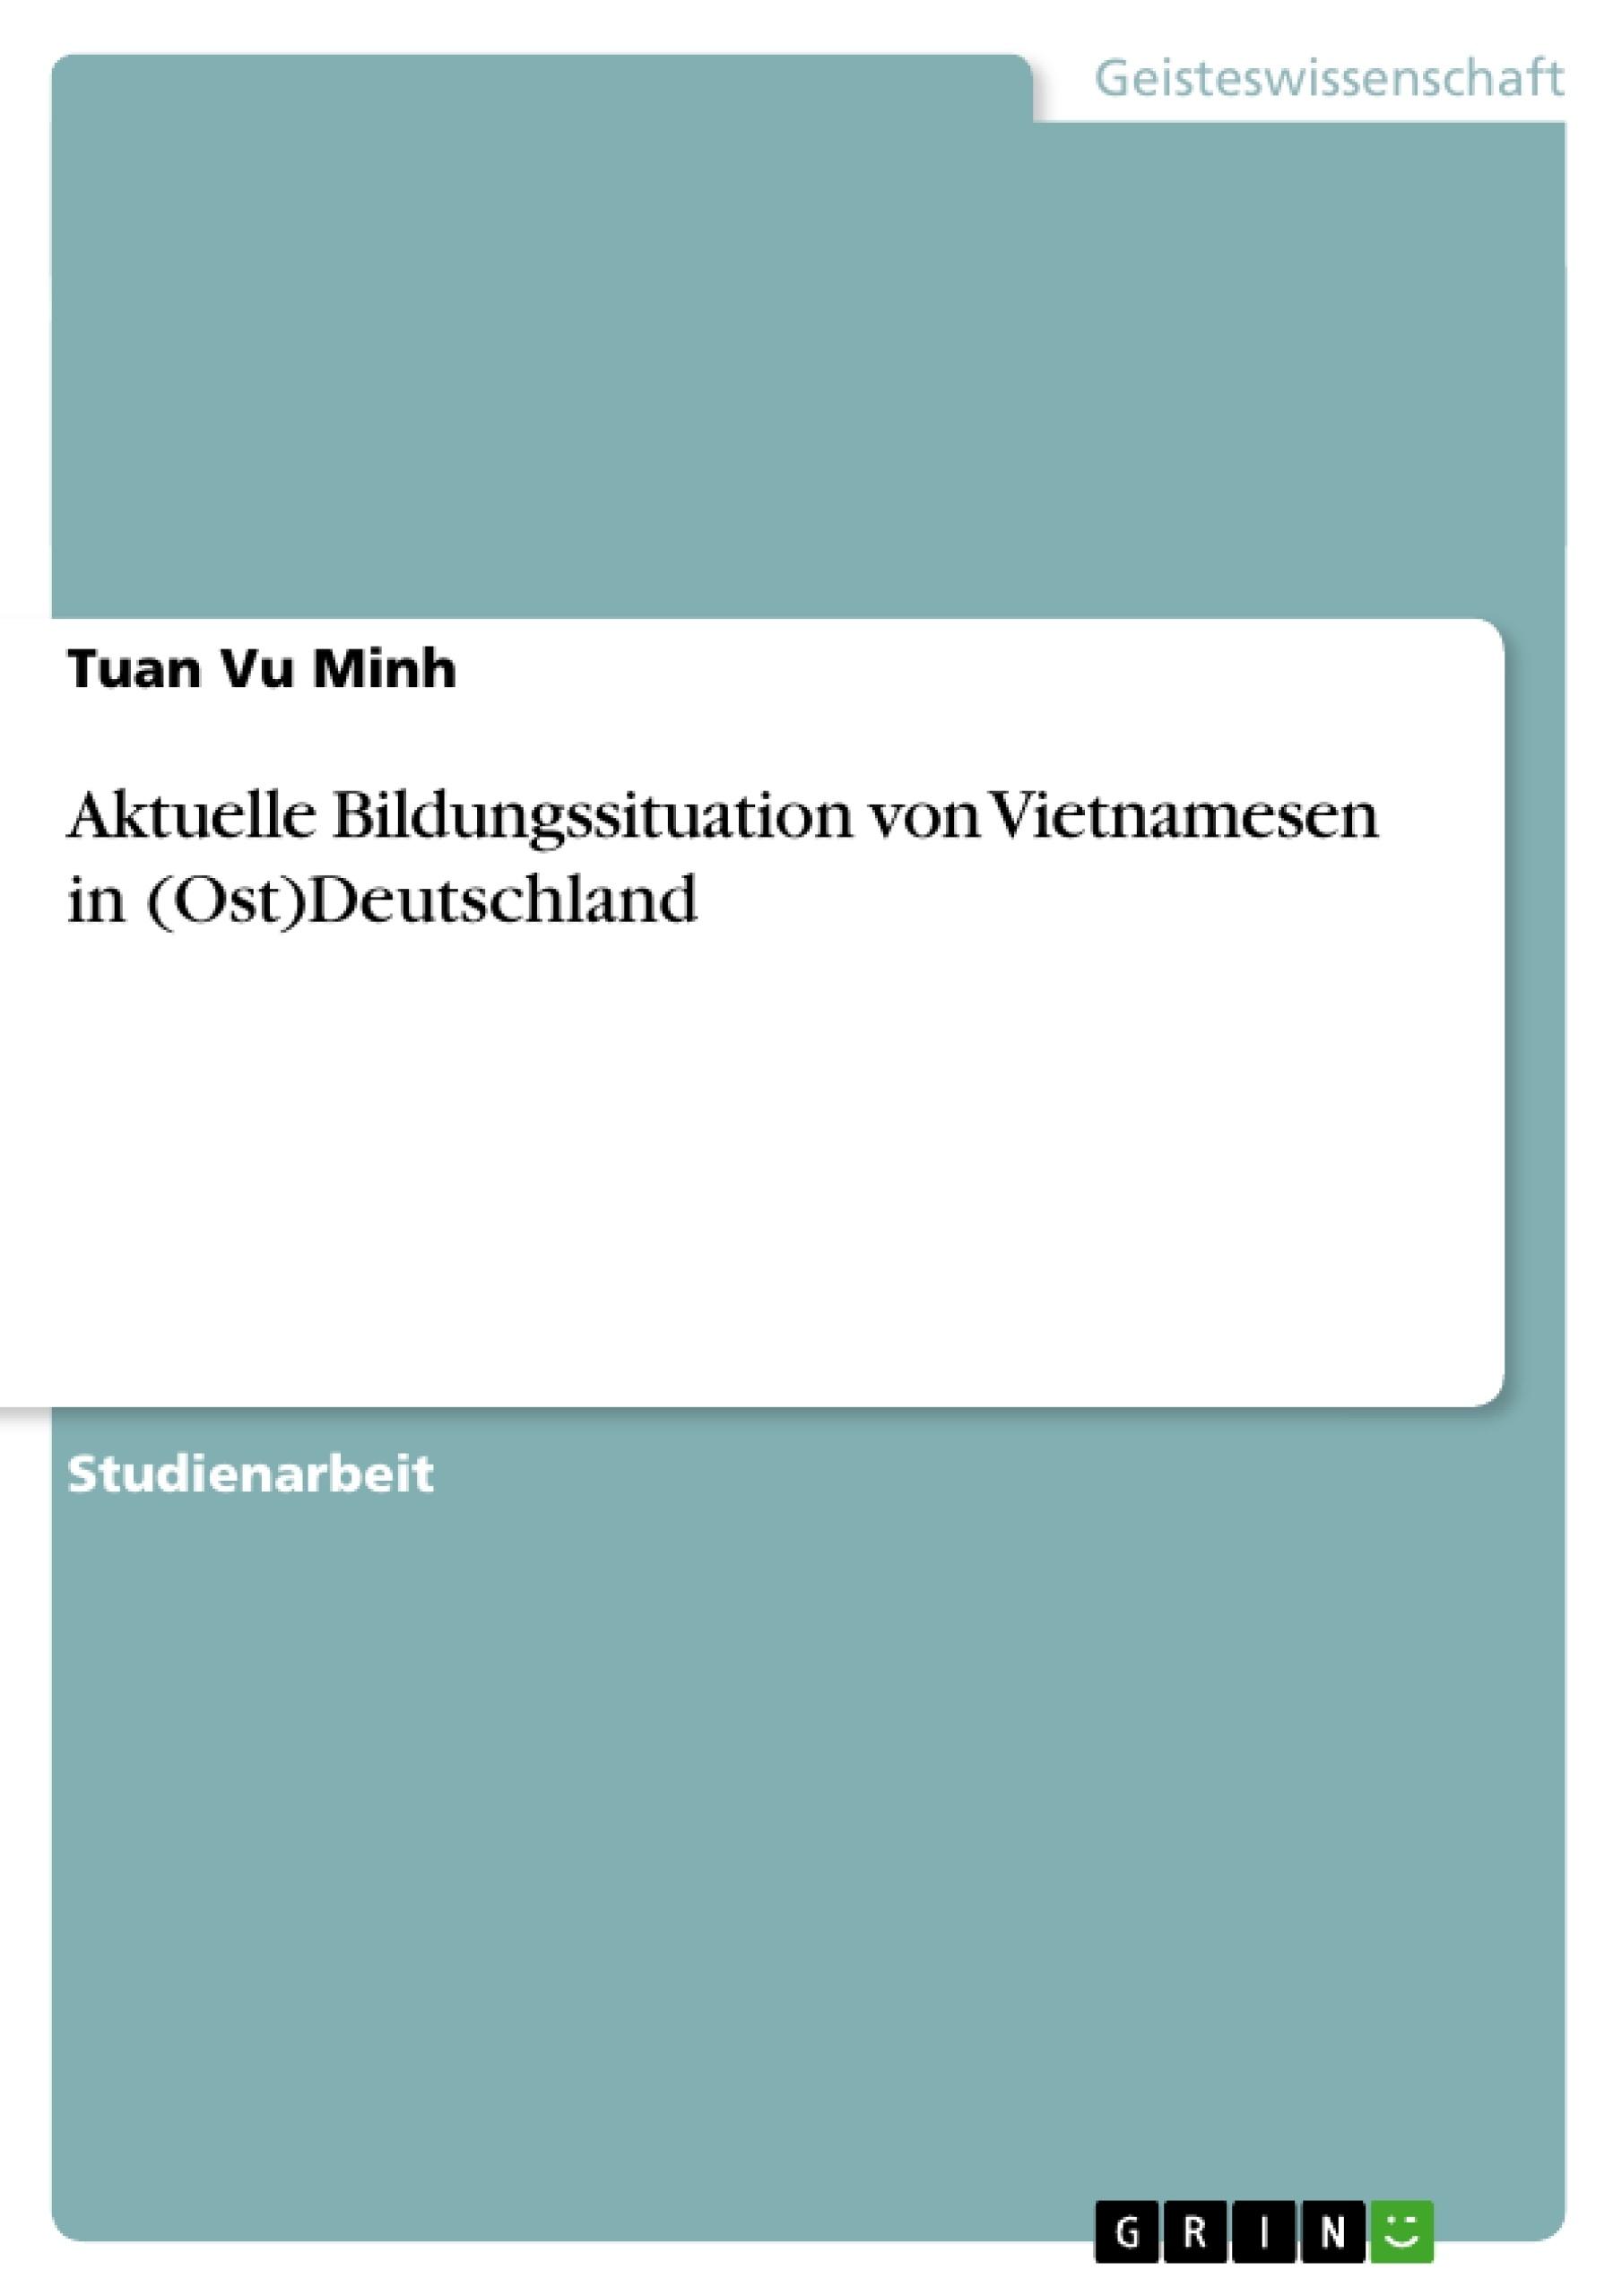 Titel: Aktuelle Bildungssituation von Vietnamesen in (Ost)Deutschland